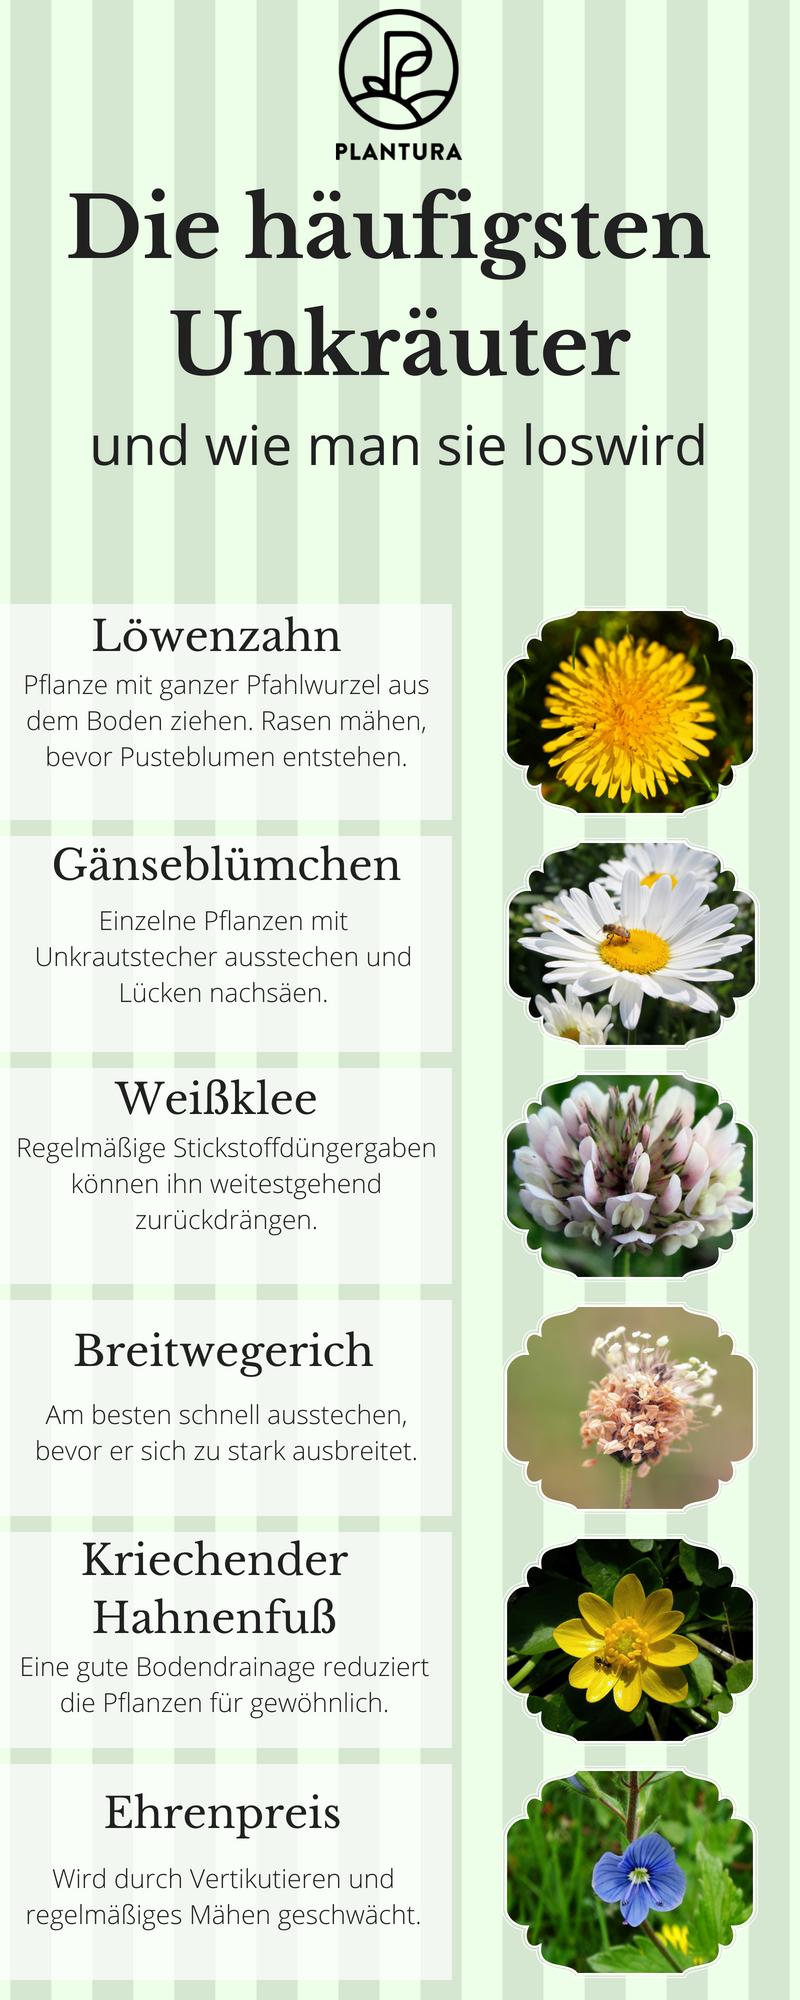 Gut Die Häufigsten Unkräuter Und Wie Man Sie Los Wird.Neben Löwenzahn,  Gänseblümchen, Weißklee